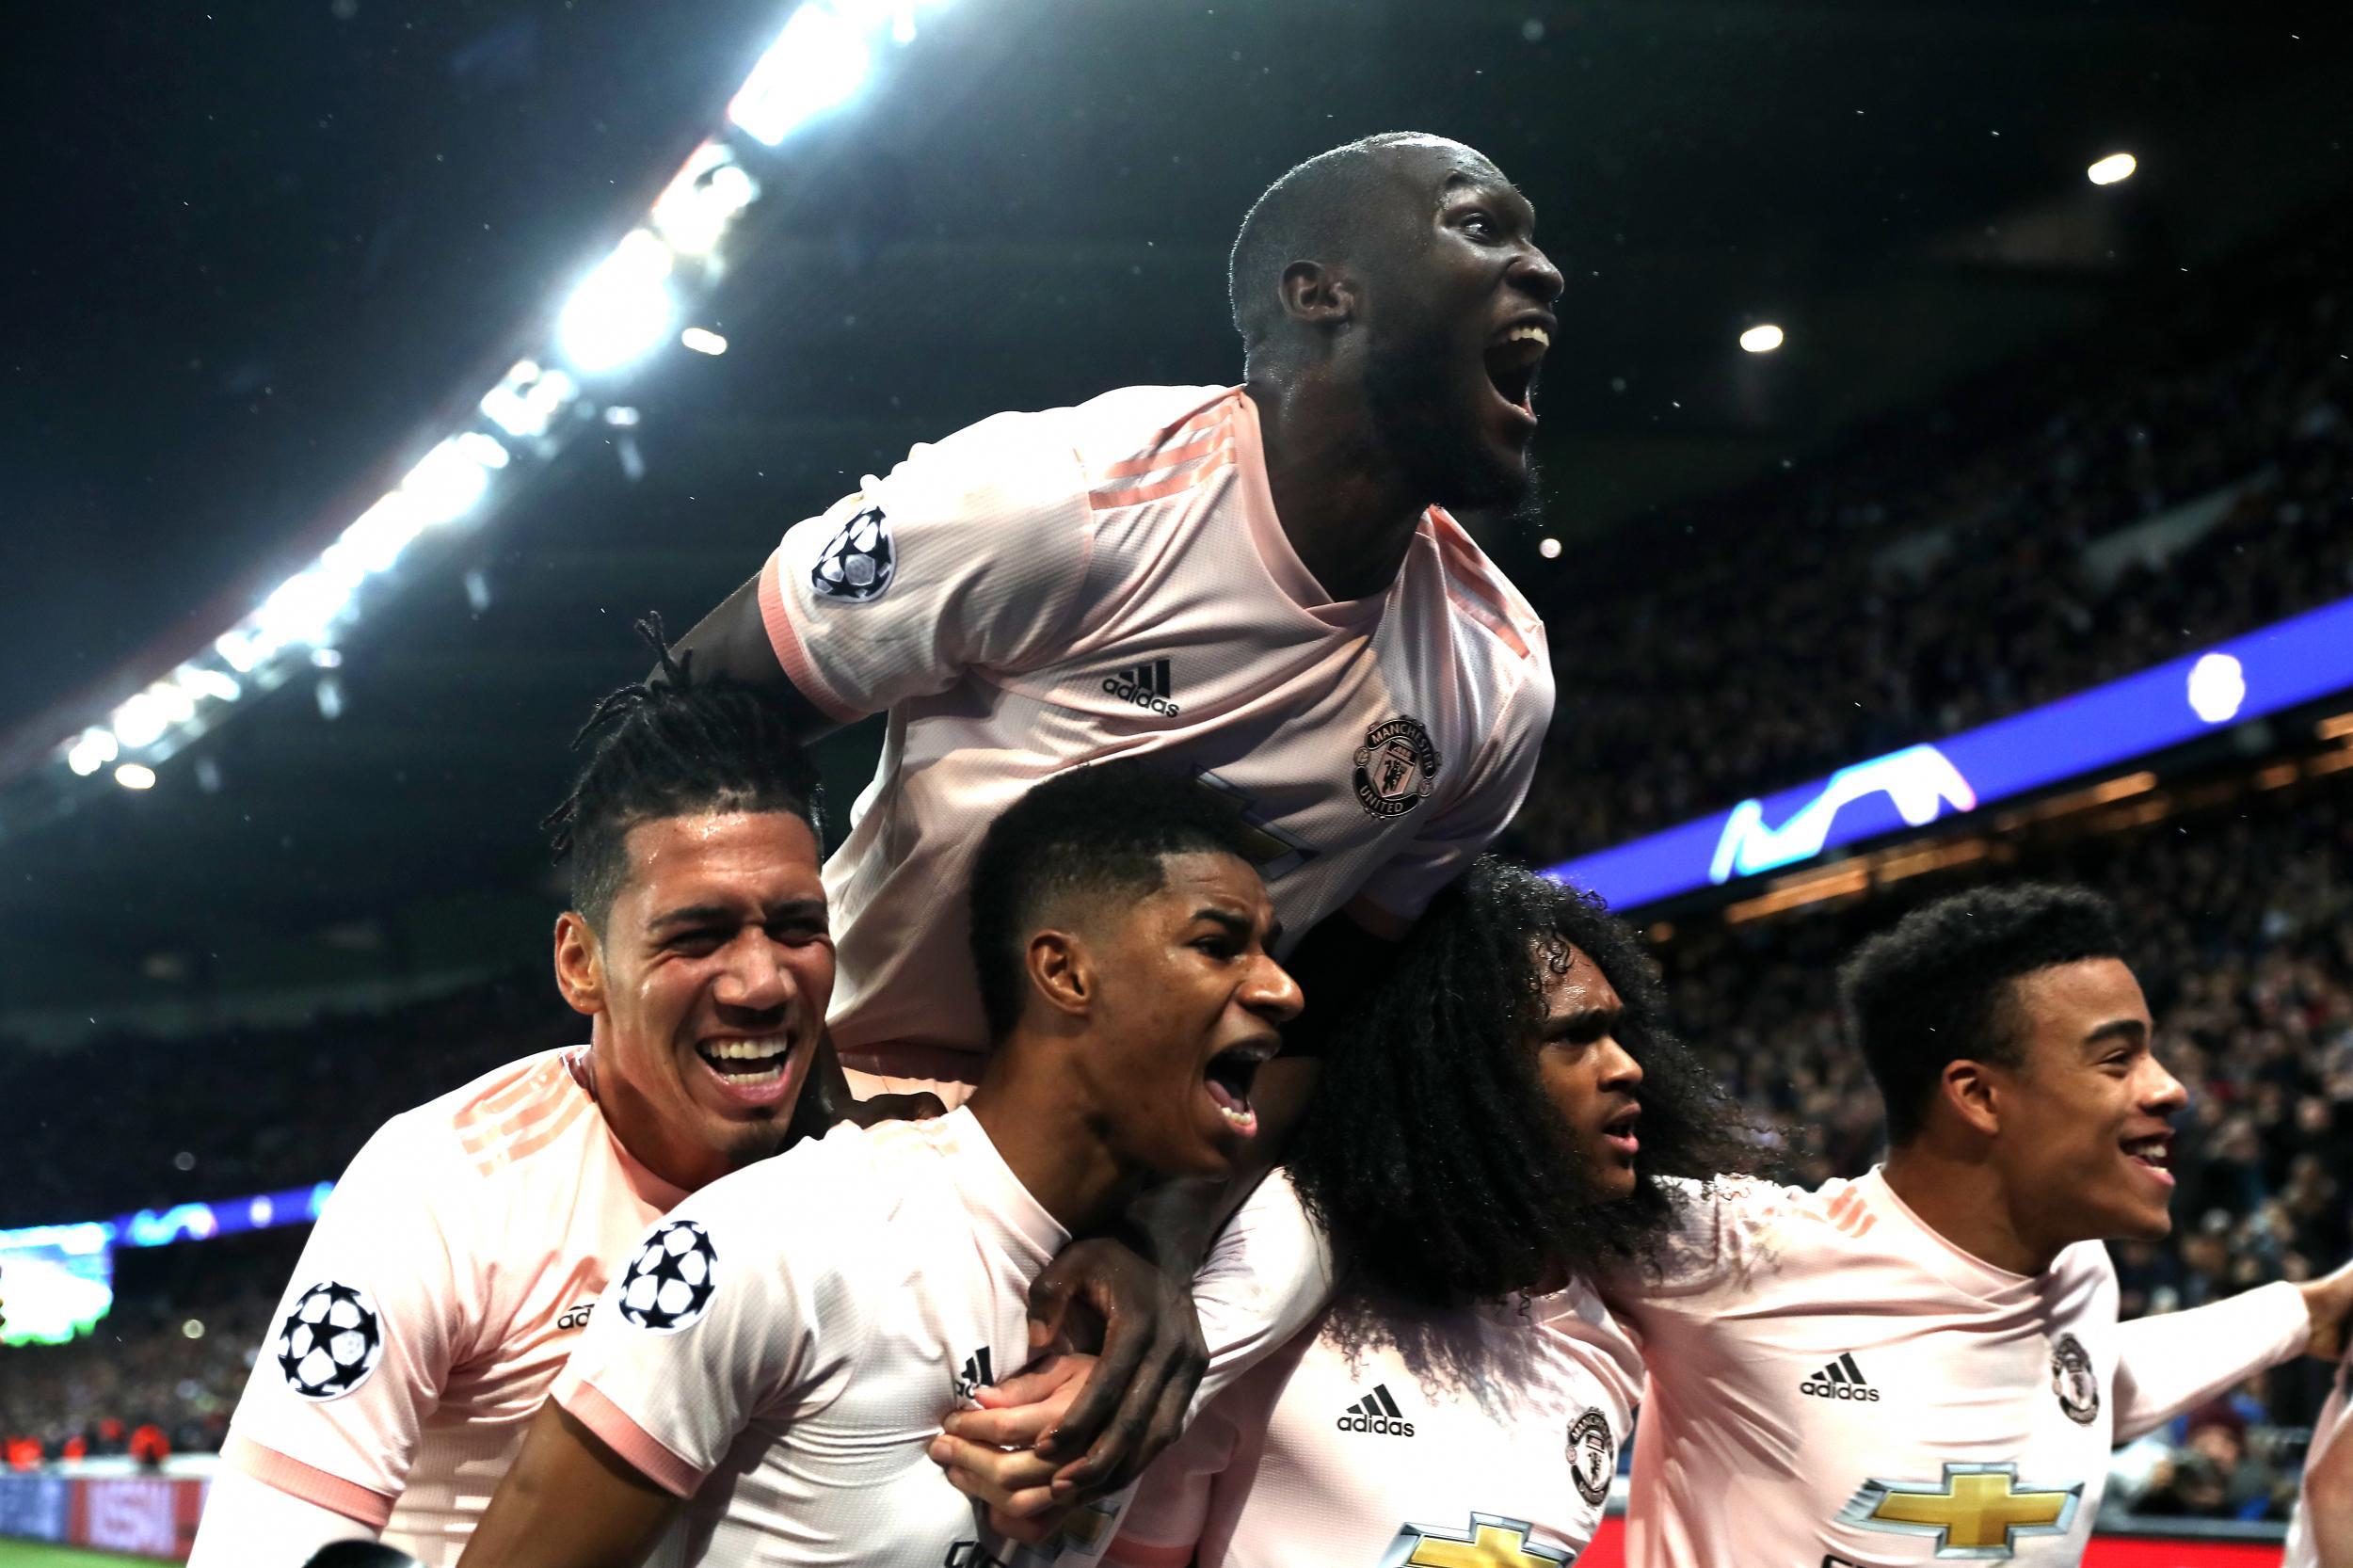 Cổ tích tại Paris, Man United nhấn chìm PSG trong màn mưa nước mắt